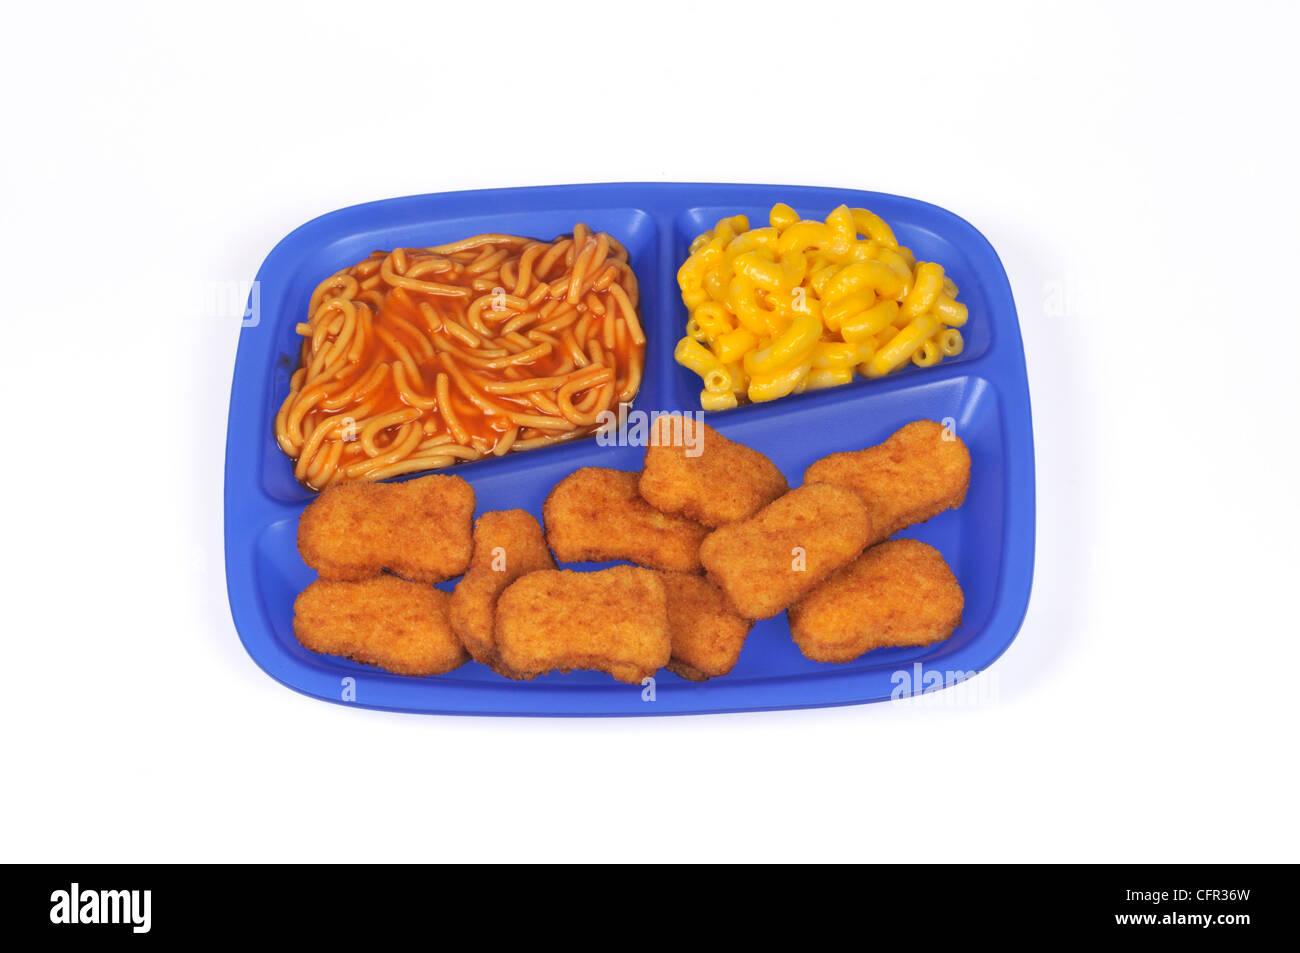 Le déjeuner plateau de nuggets de poulet pané, spaghetti à la sauce tomate et le macaroni et fromage Photo Stock